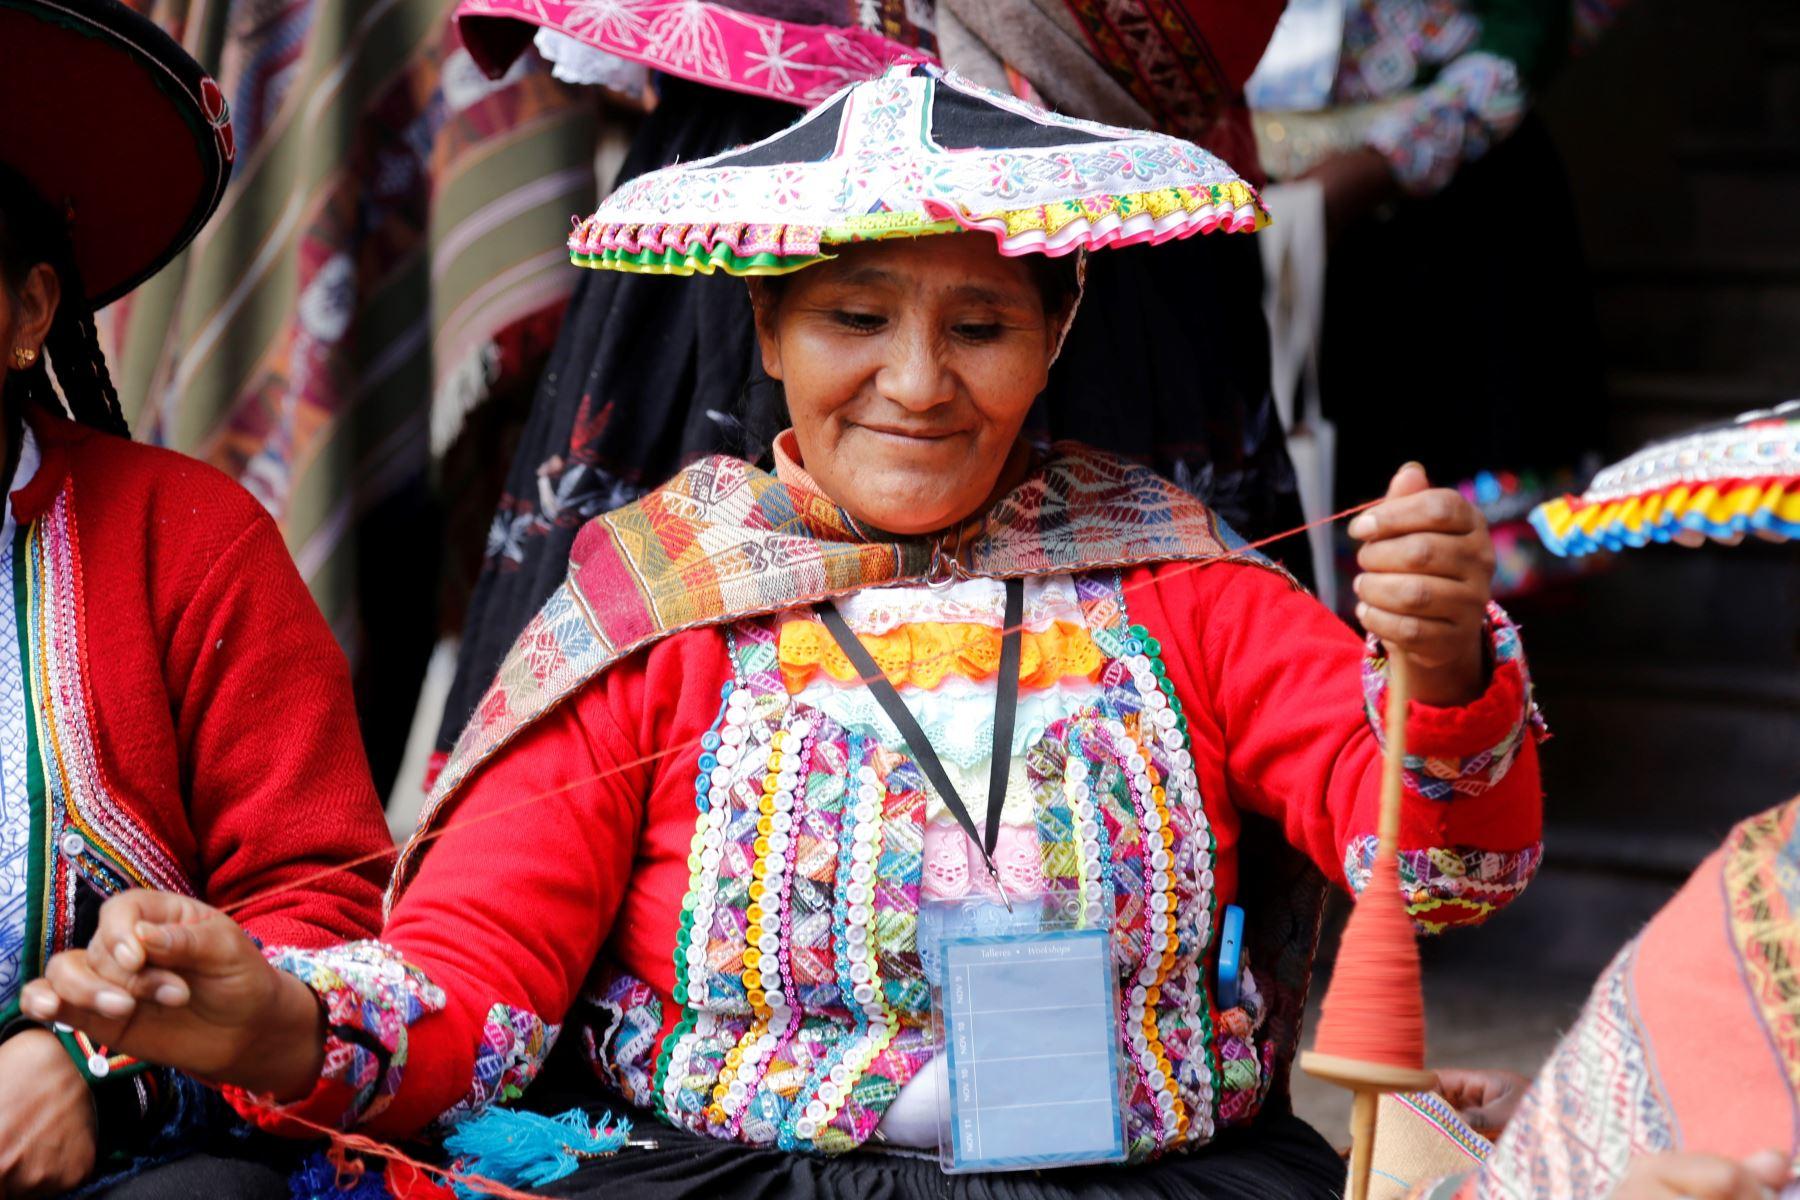 Mincetur saluda a los artesanos por el Día del Artesano Peruano.Foto:  ANDINA/Difusión